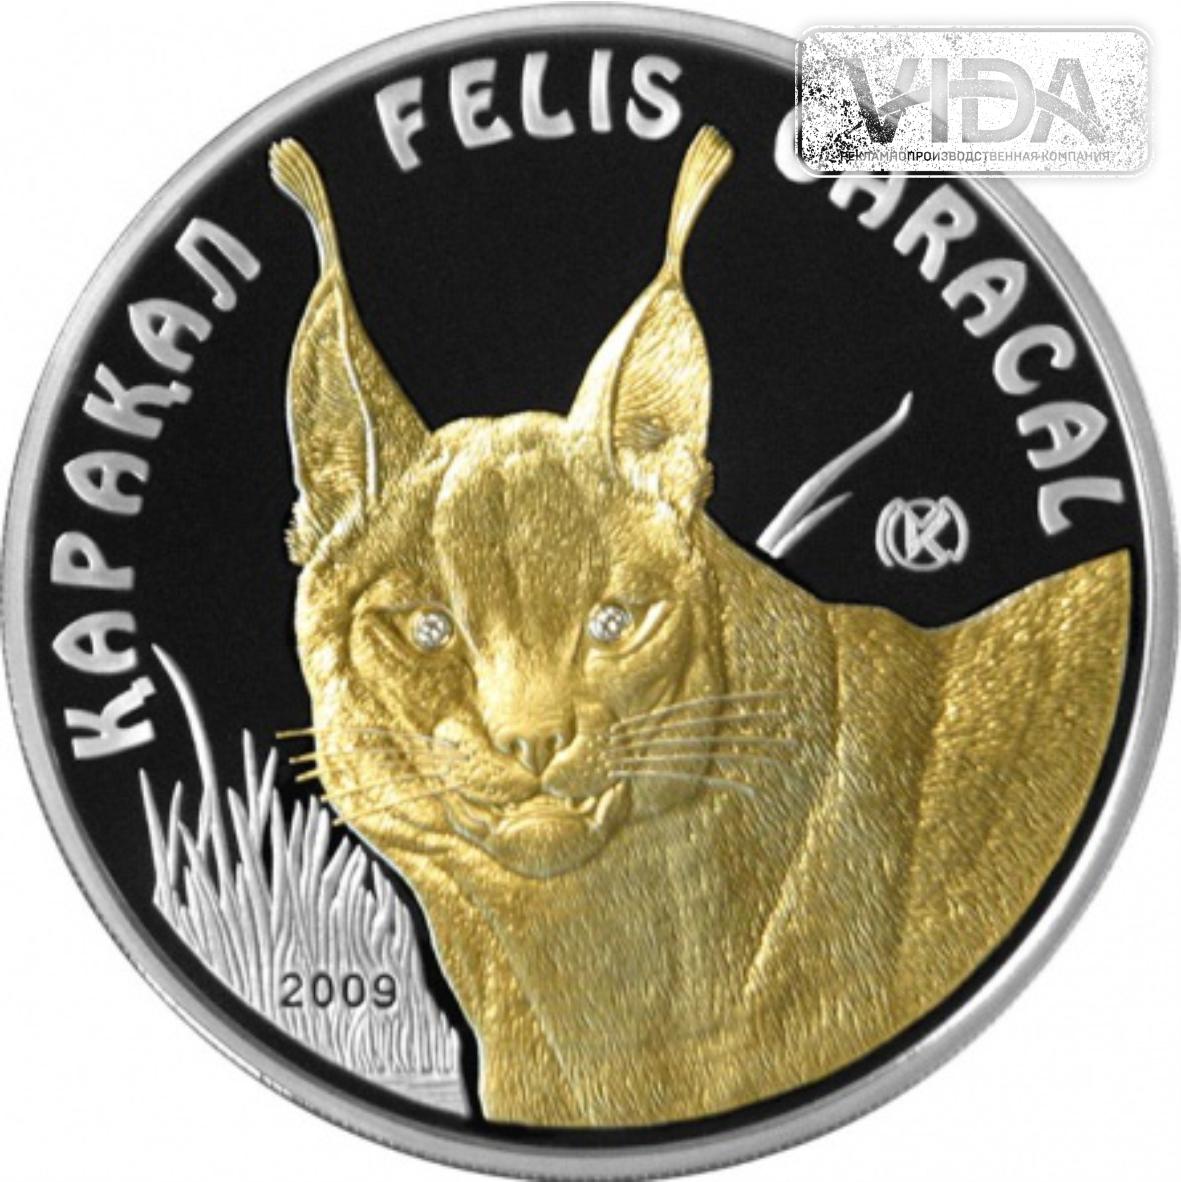 Каракал с бриллиантами - 100 тенге (Серебро / Позолота)